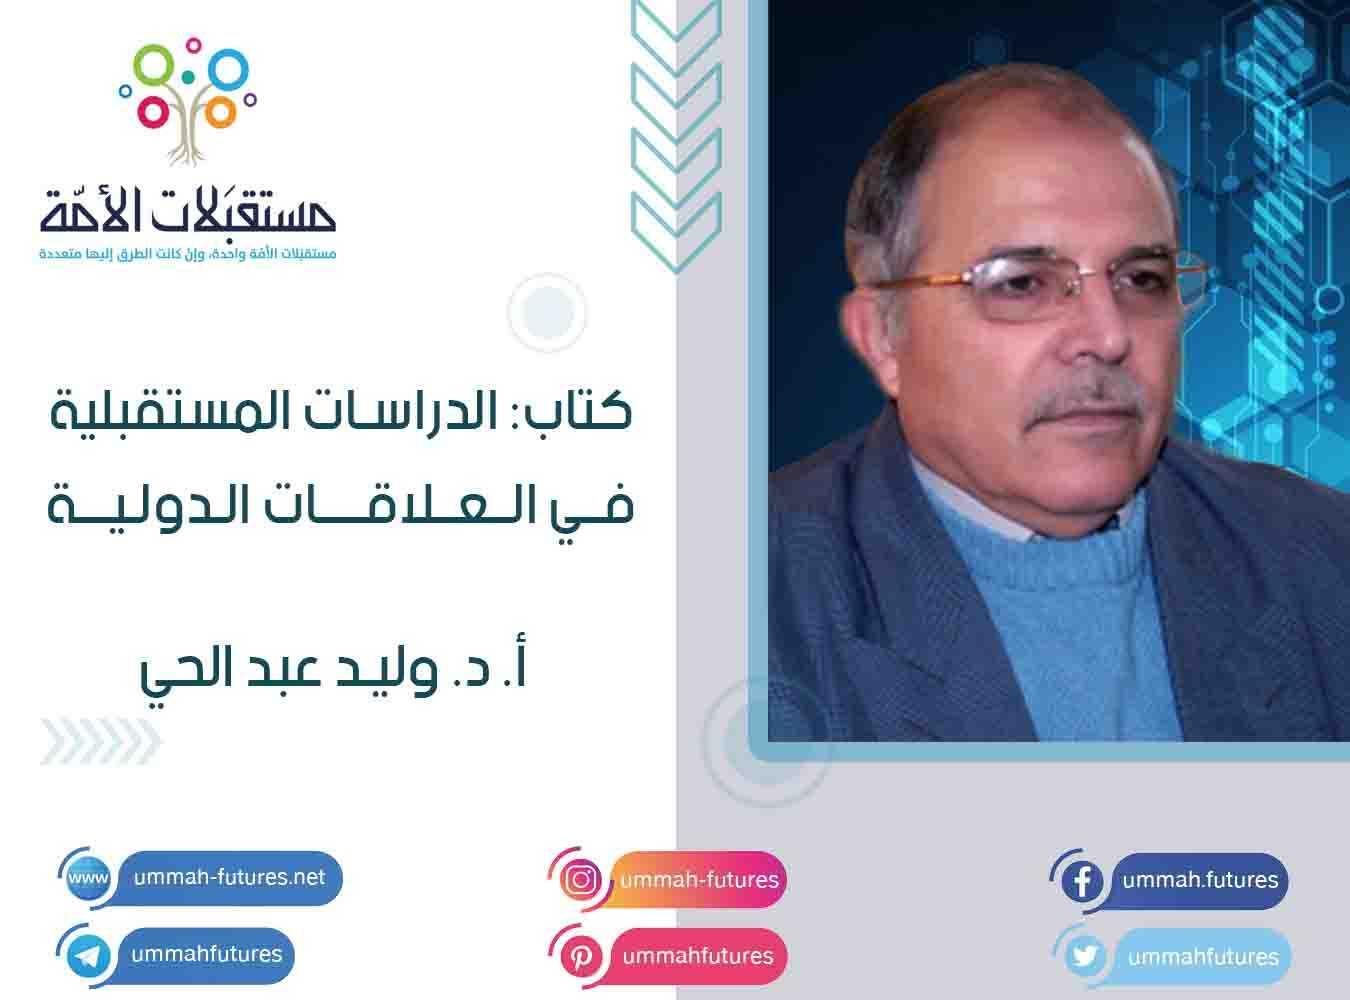 كتاب: الدراسات المستقبلية في العلاقات الدولية | أ. د. وليد عبد الحي